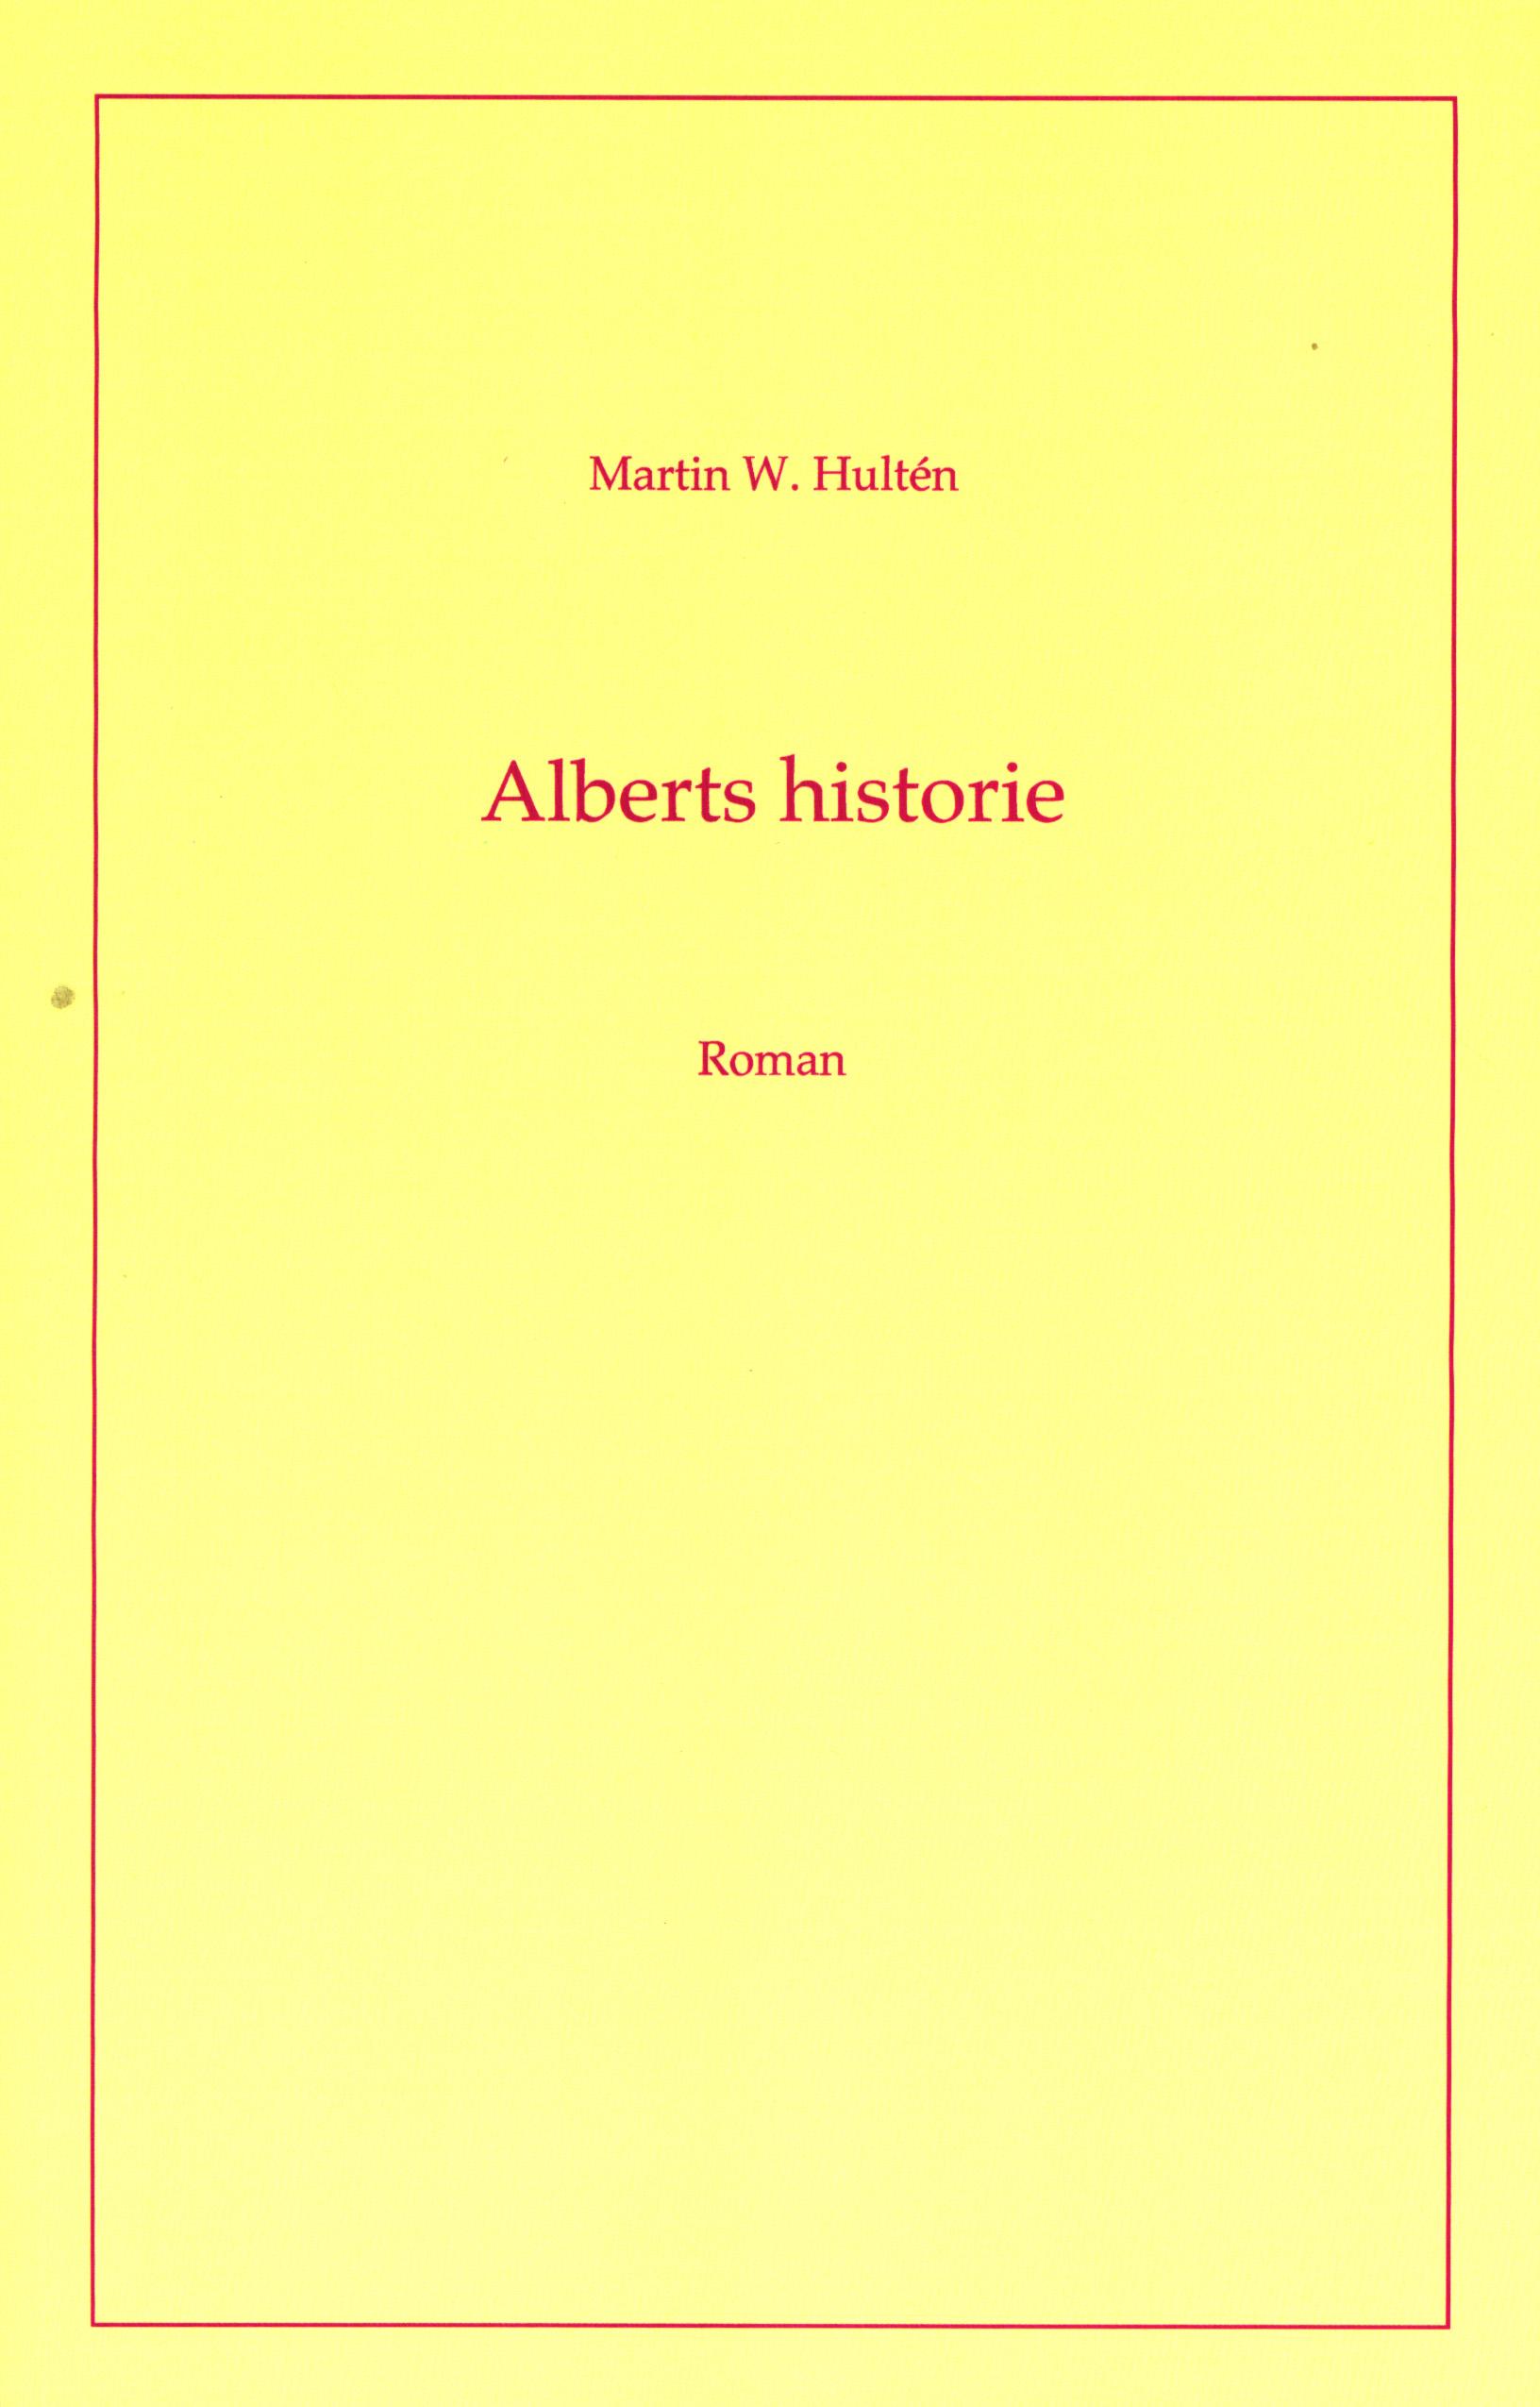 Alberts historie af Martin W. Hultén - 9788797264805